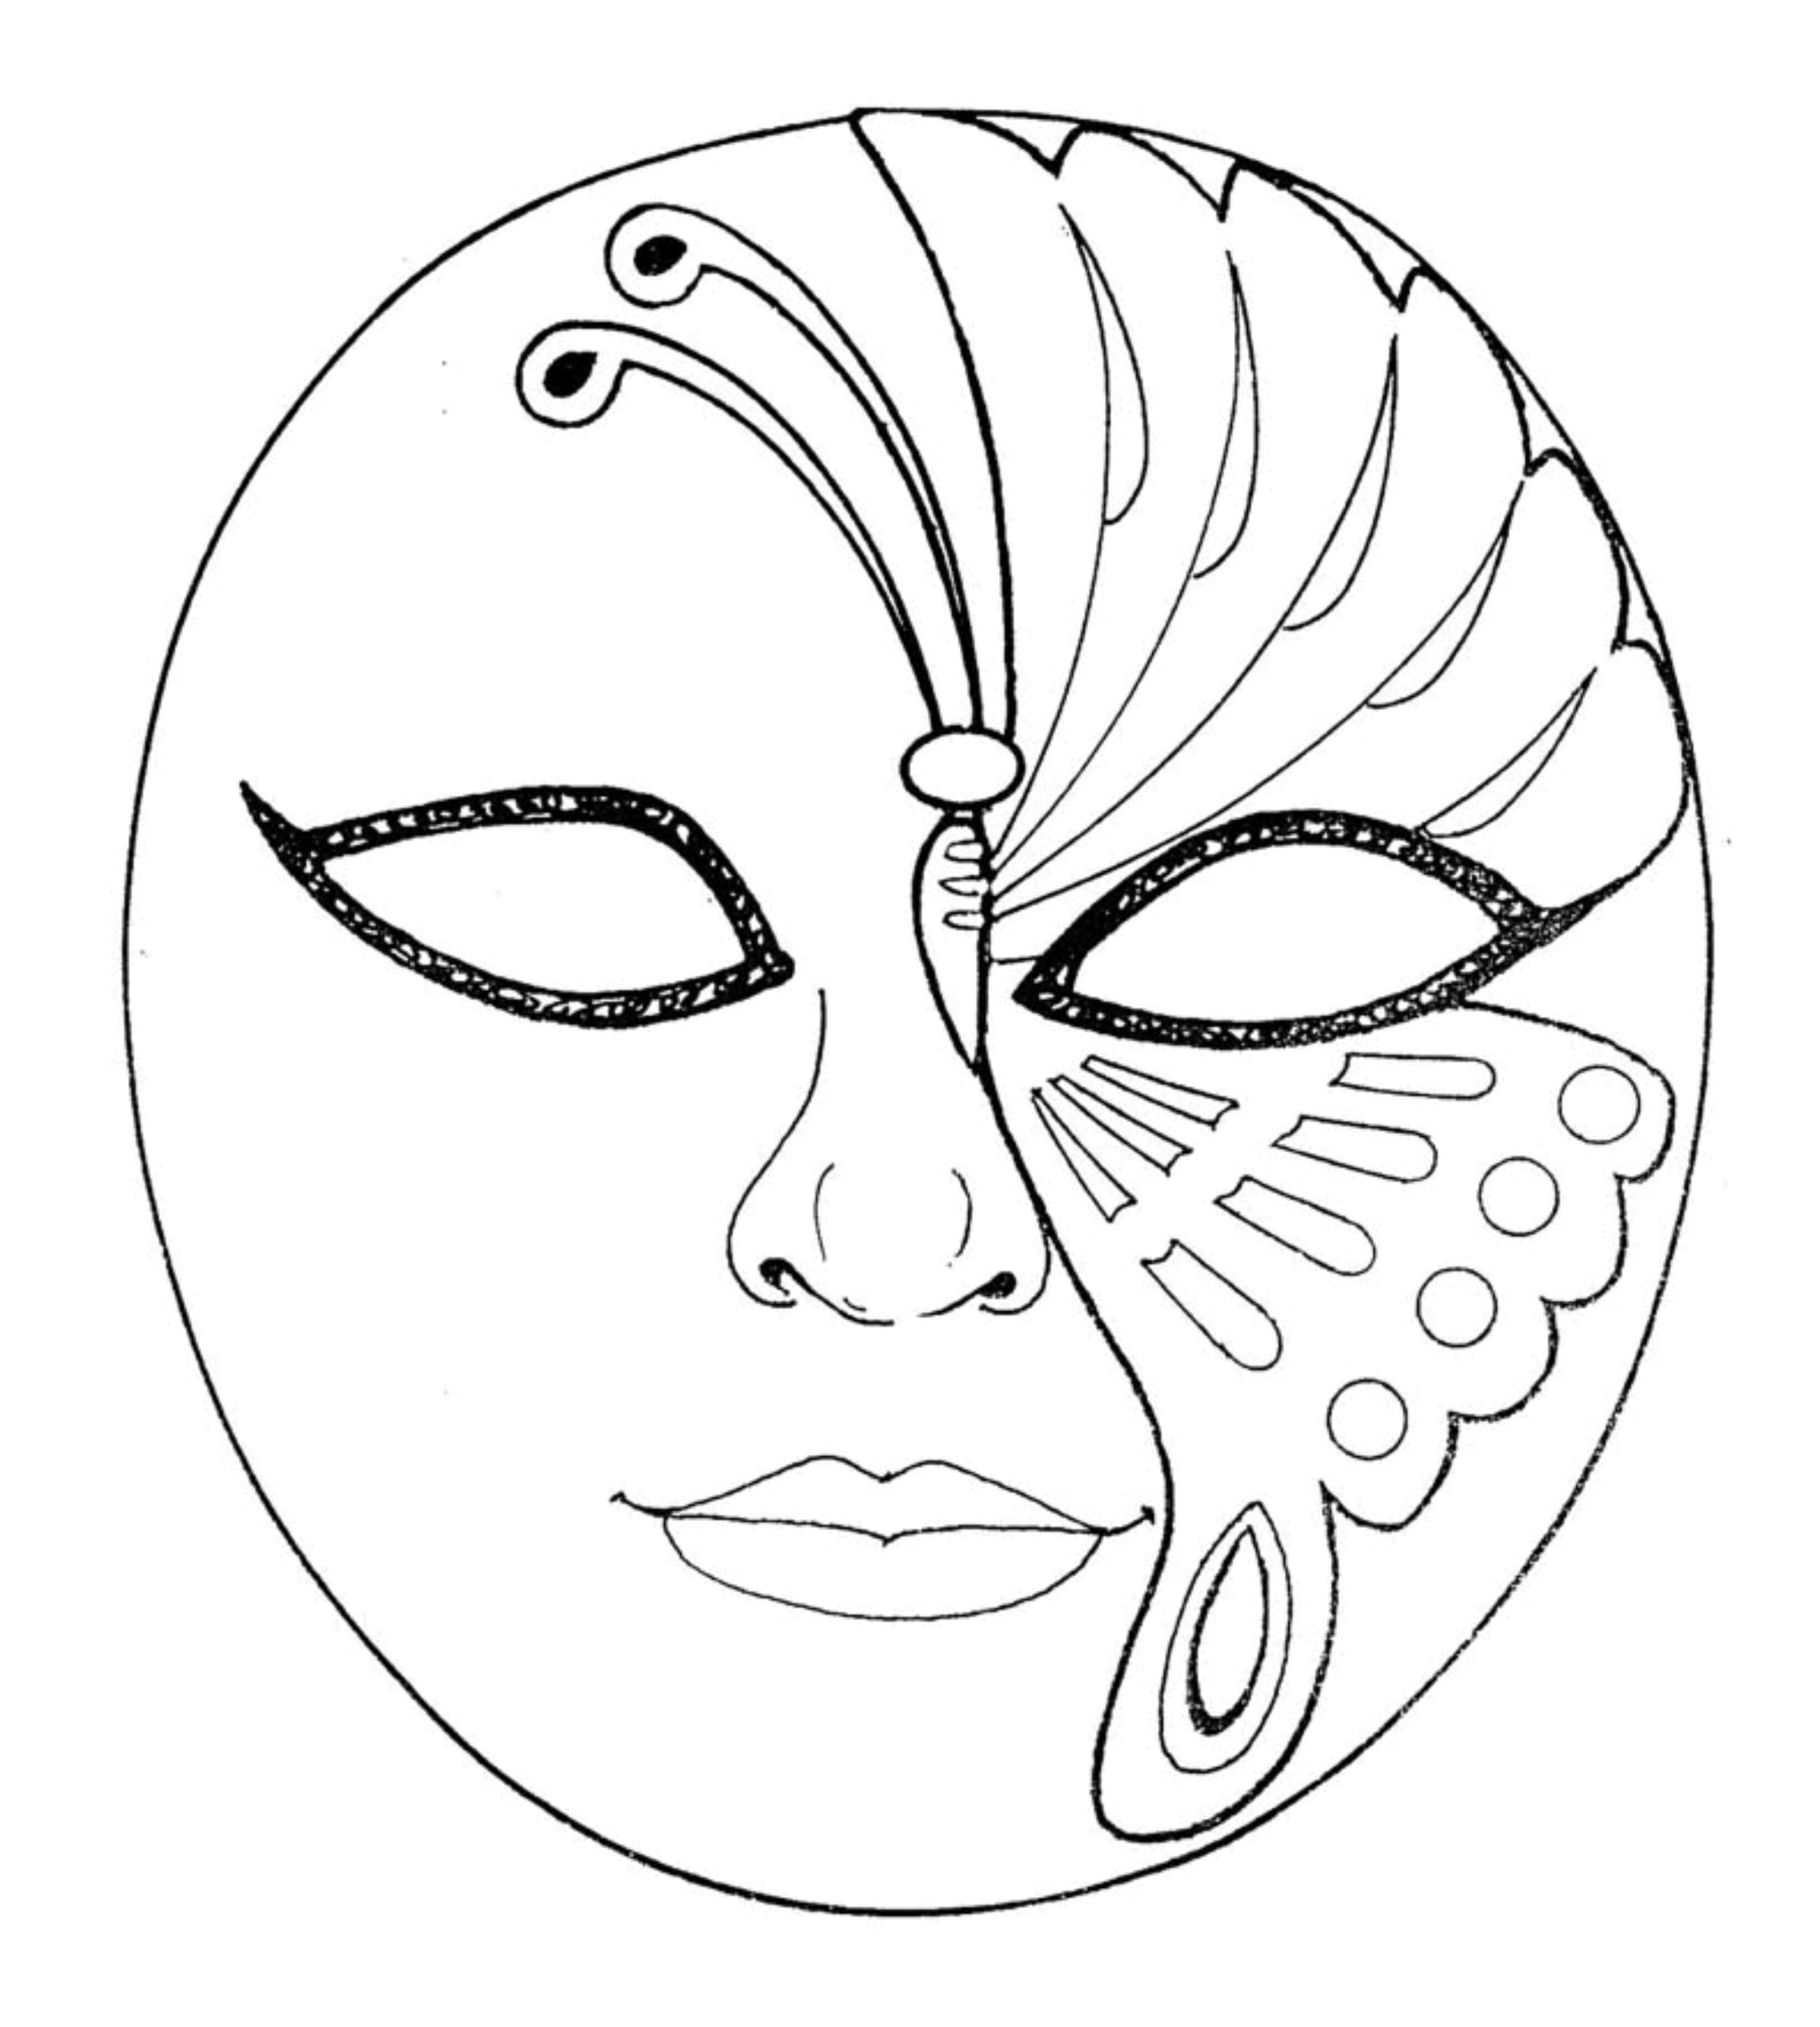 Máscara De Carnaval Para Imprimir Grátis Printloja Blog